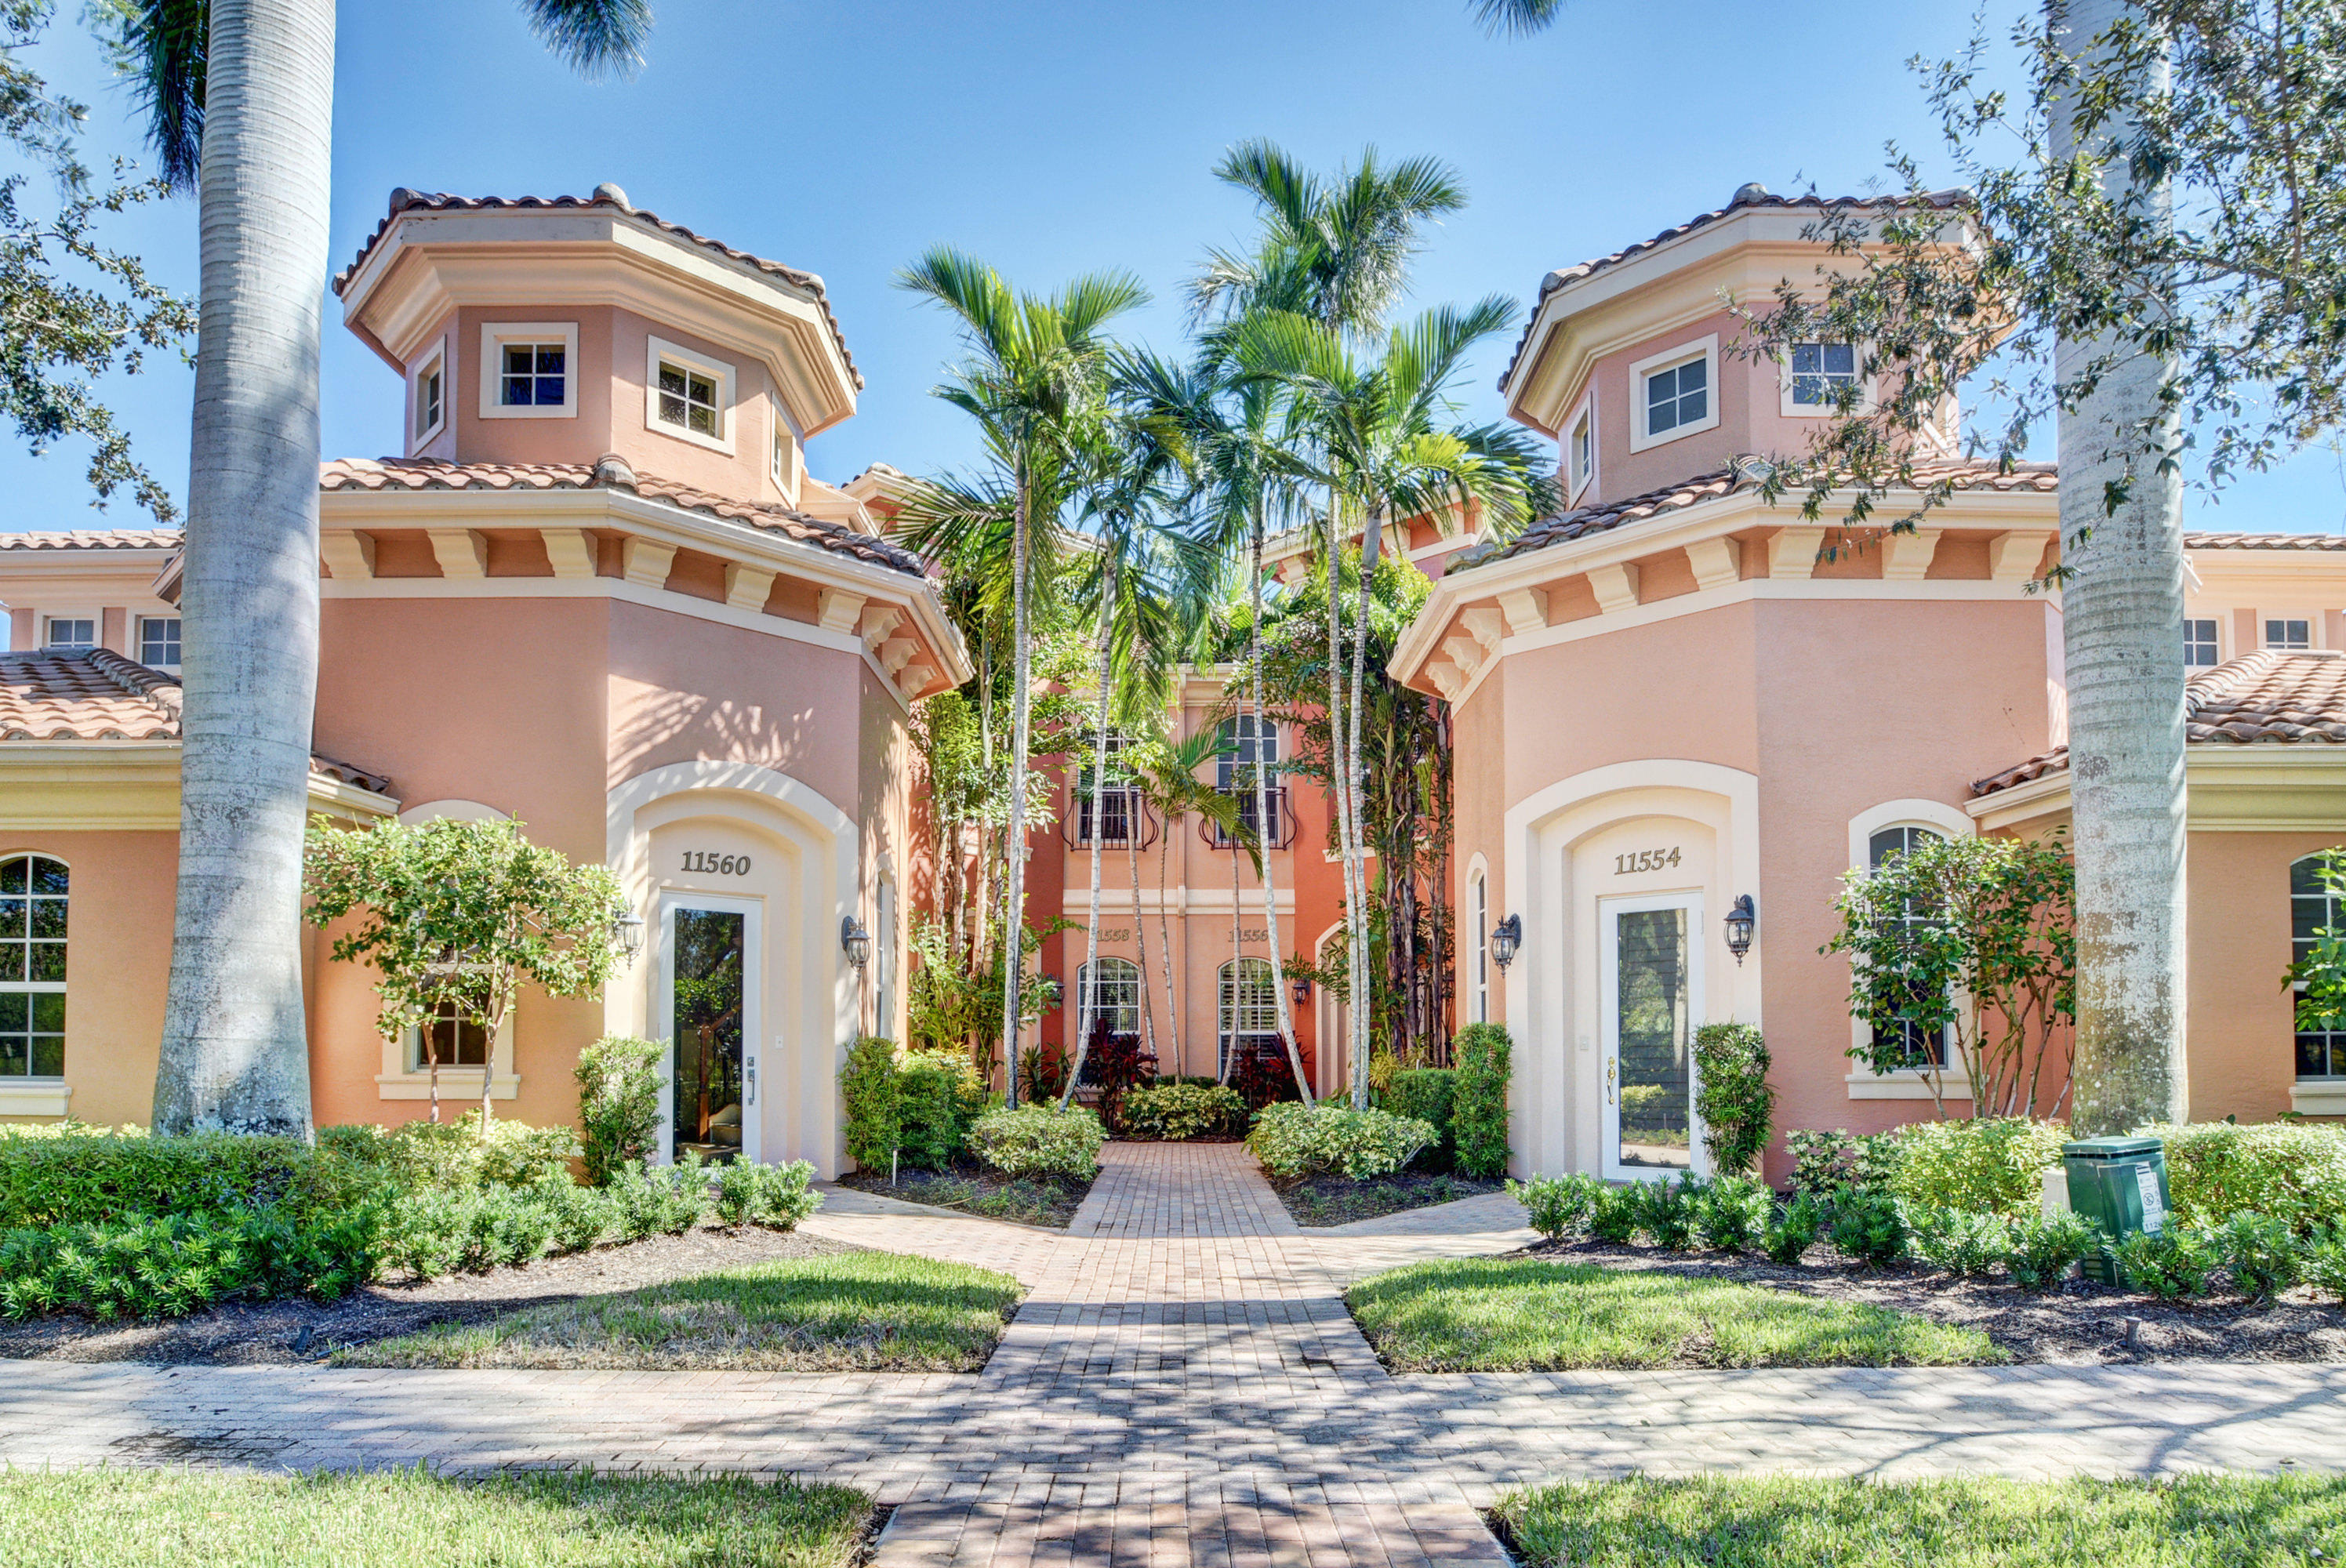 11556 Villa Vasari Drive, Palm Beach Gardens, Florida 33418, 2 Bedrooms Bedrooms, ,2 BathroomsBathrooms,F,Condominium,Villa Vasari,RX-10706039